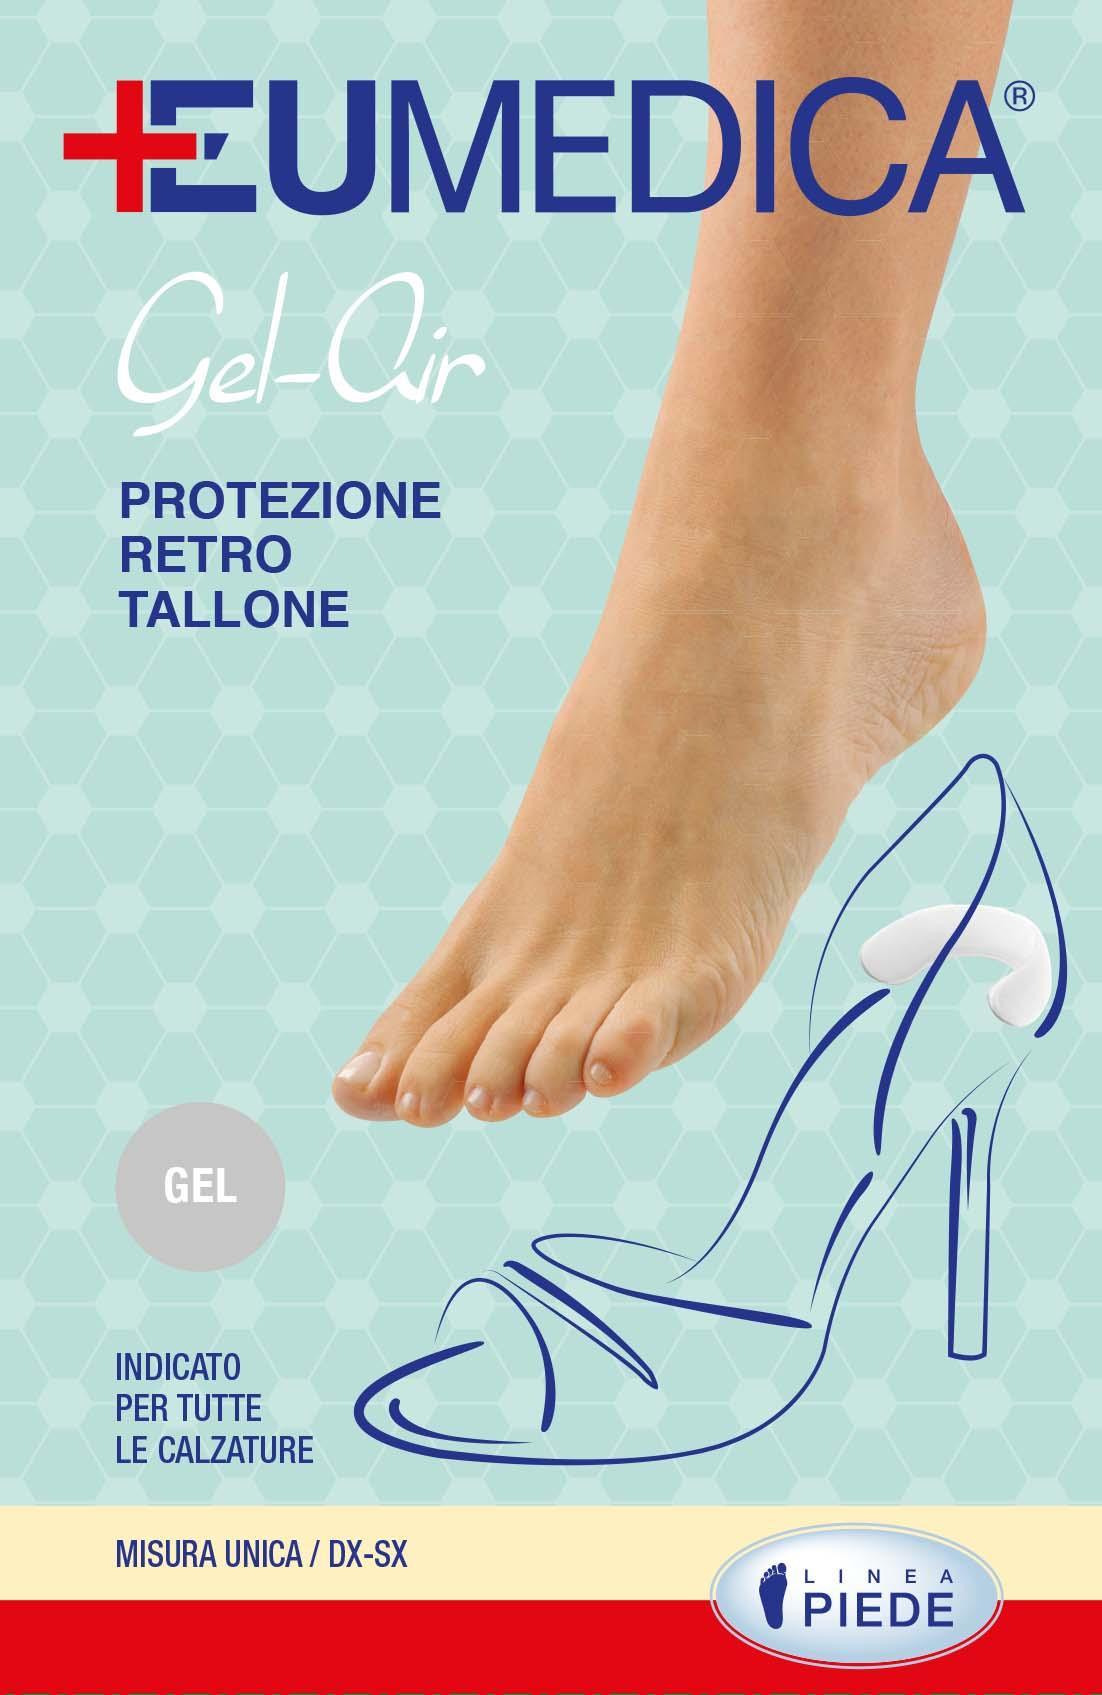 Gel-air protezione retro tallone - Protezione in gel autoaderente